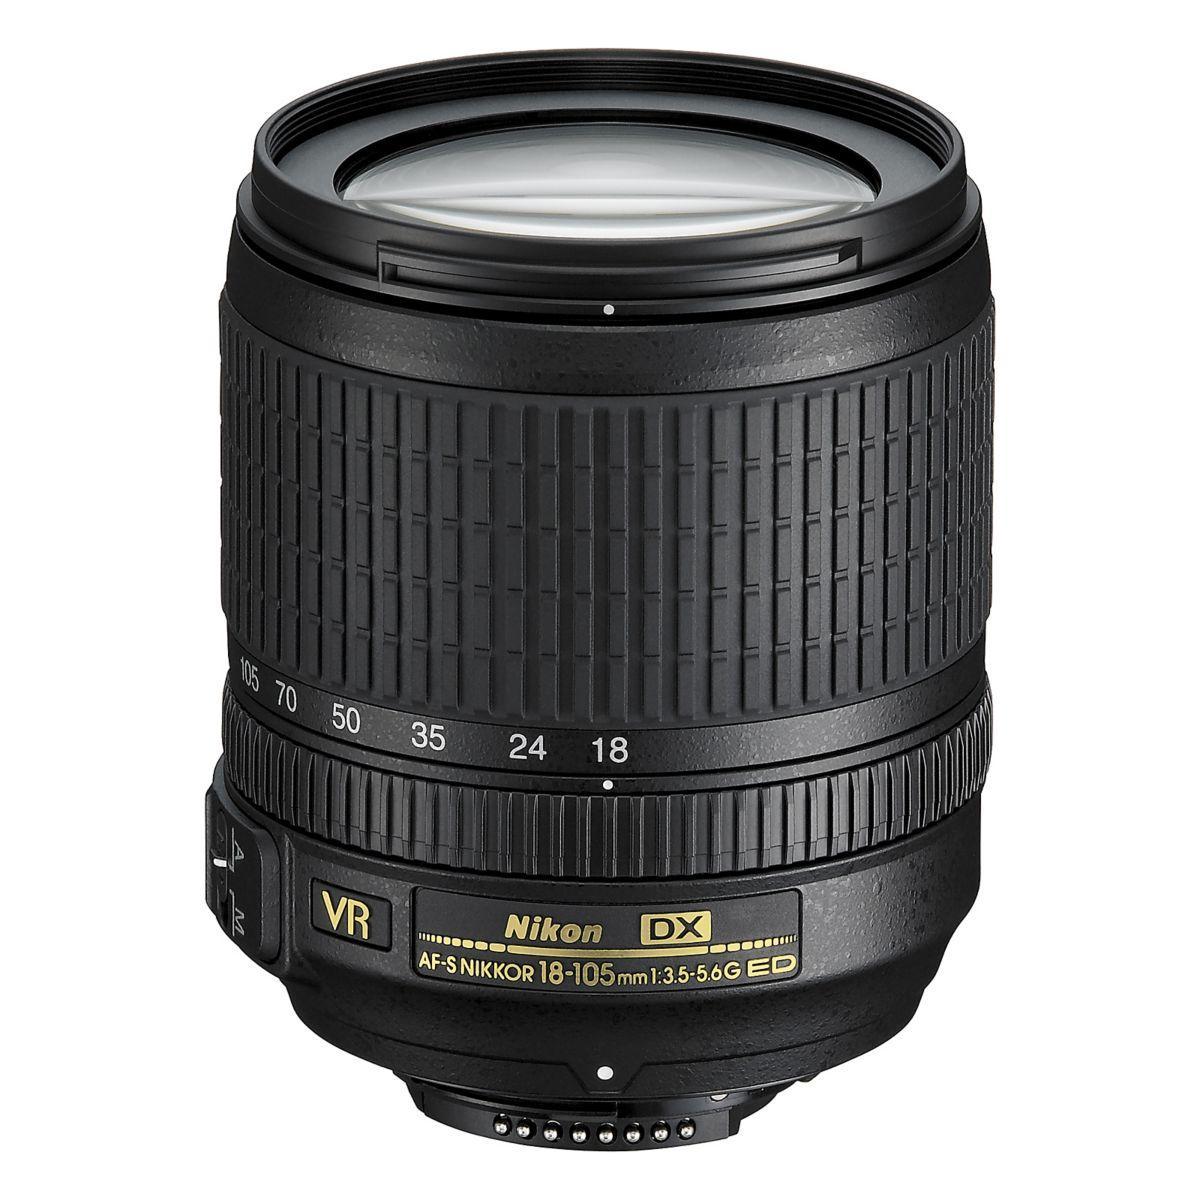 Objectif nikon af-s dx 18-105mm f/3.5-5.6g ed vr nikkor